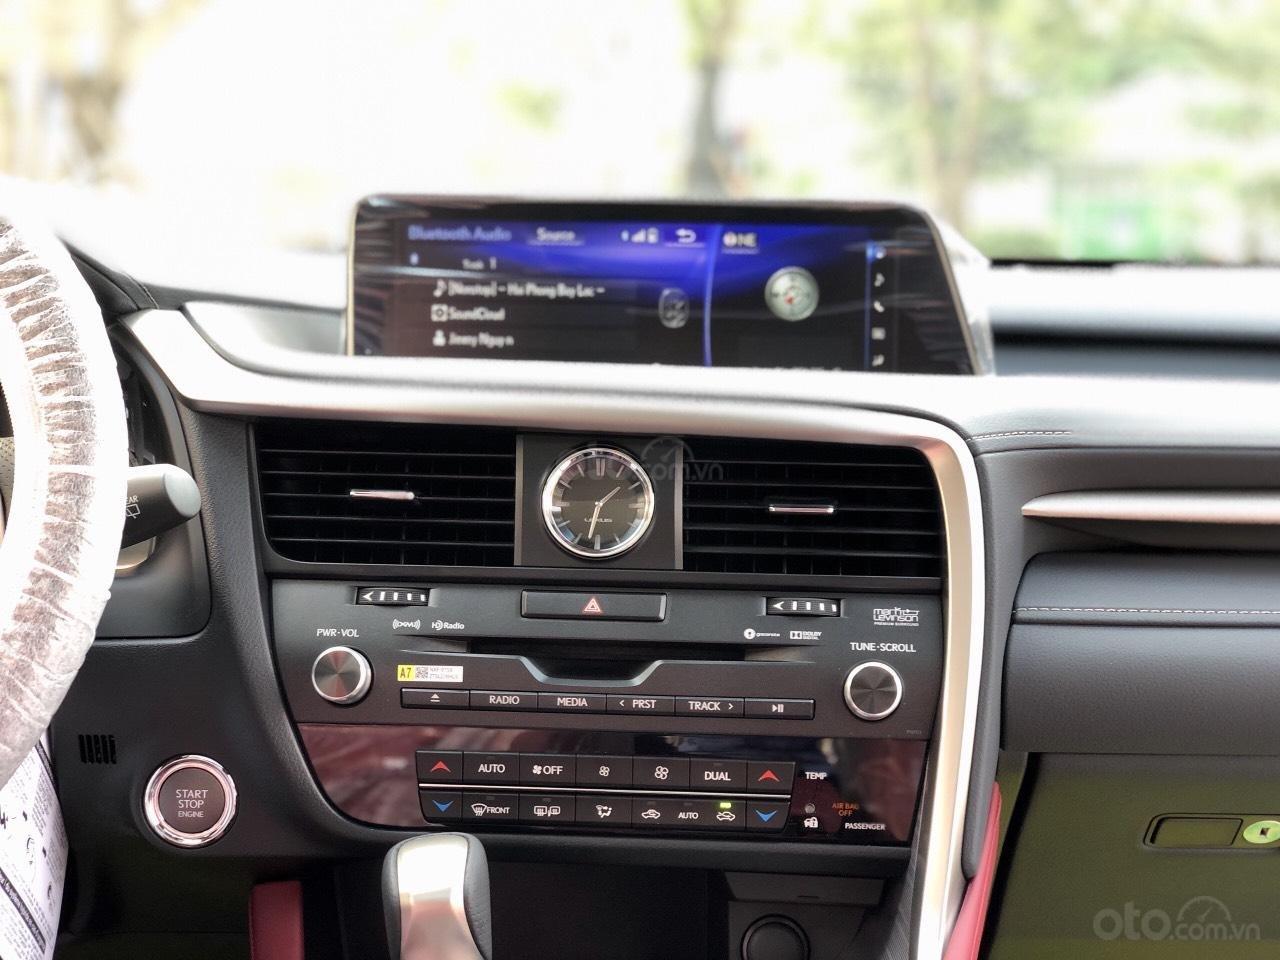 Bán Lexus RX 350 Fsport năm 2020, nhập Mỹ giao ngay toàn quốc, giá tốt, LH Ms Hương 094.539.2468 (9)